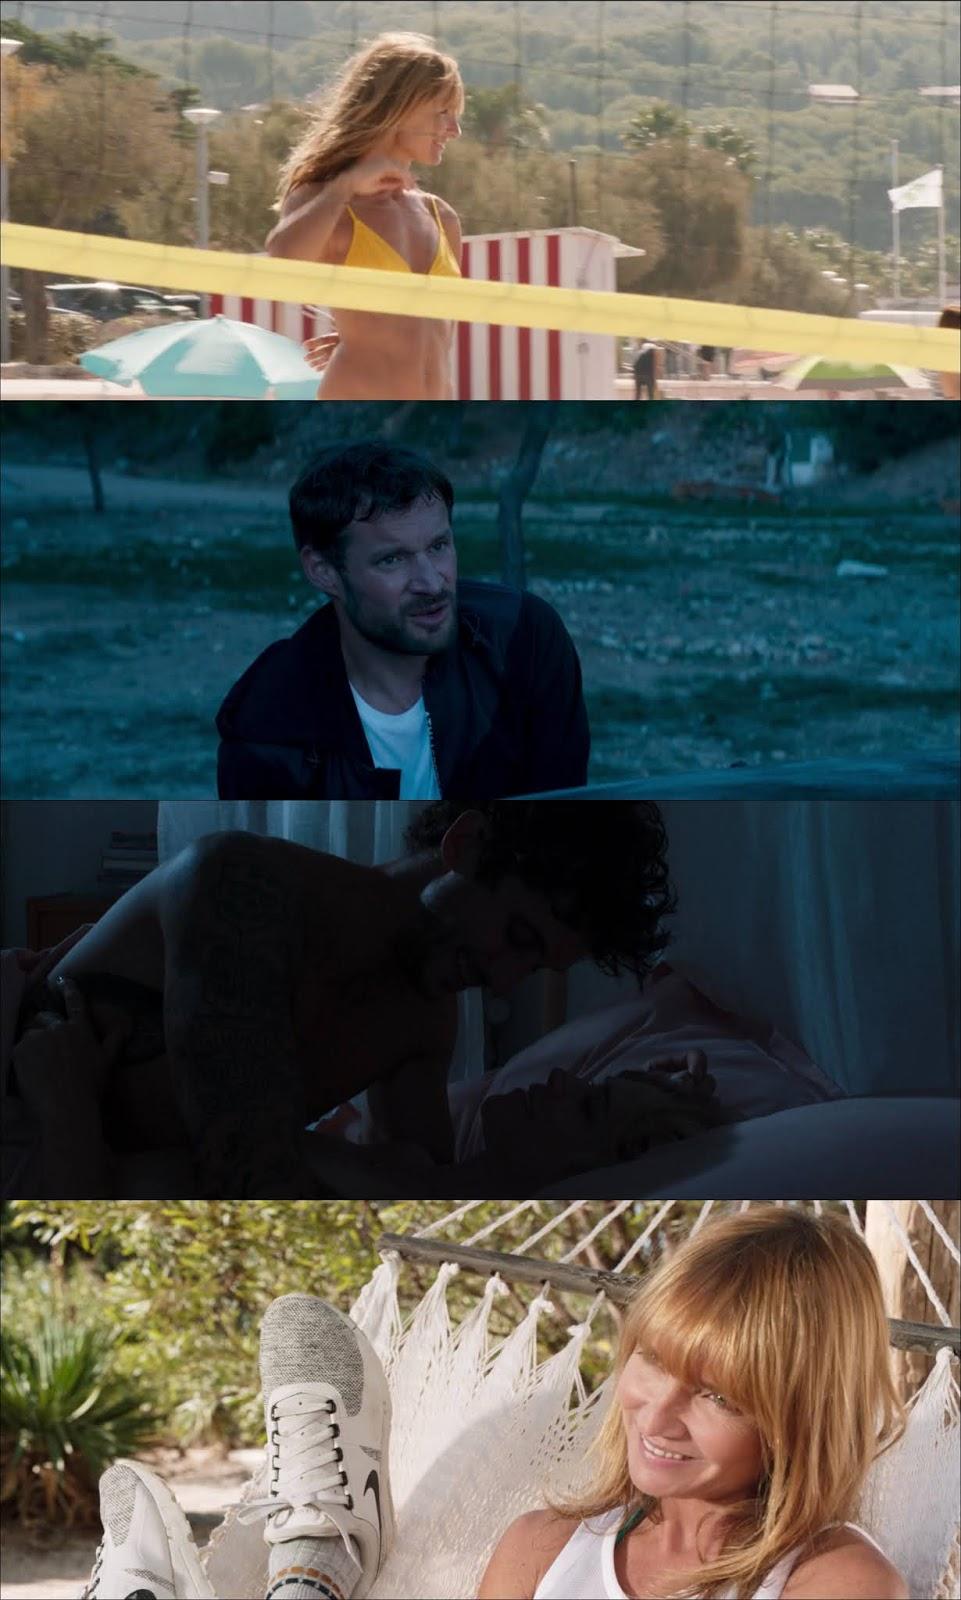 MILF HD 1080p Latino (2018)